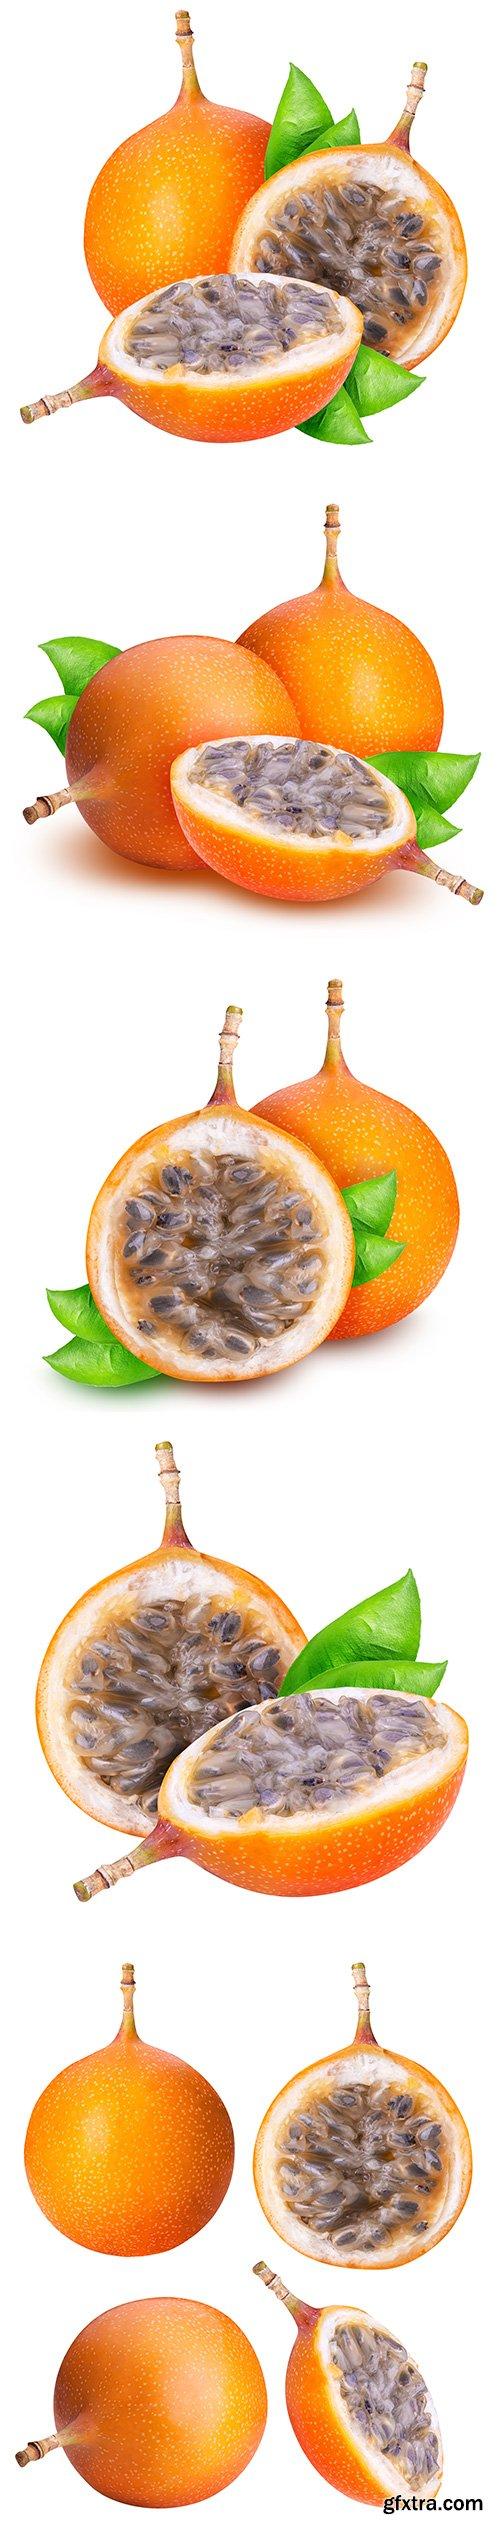 Granadilla Fruit Isolated - 6xJPGs